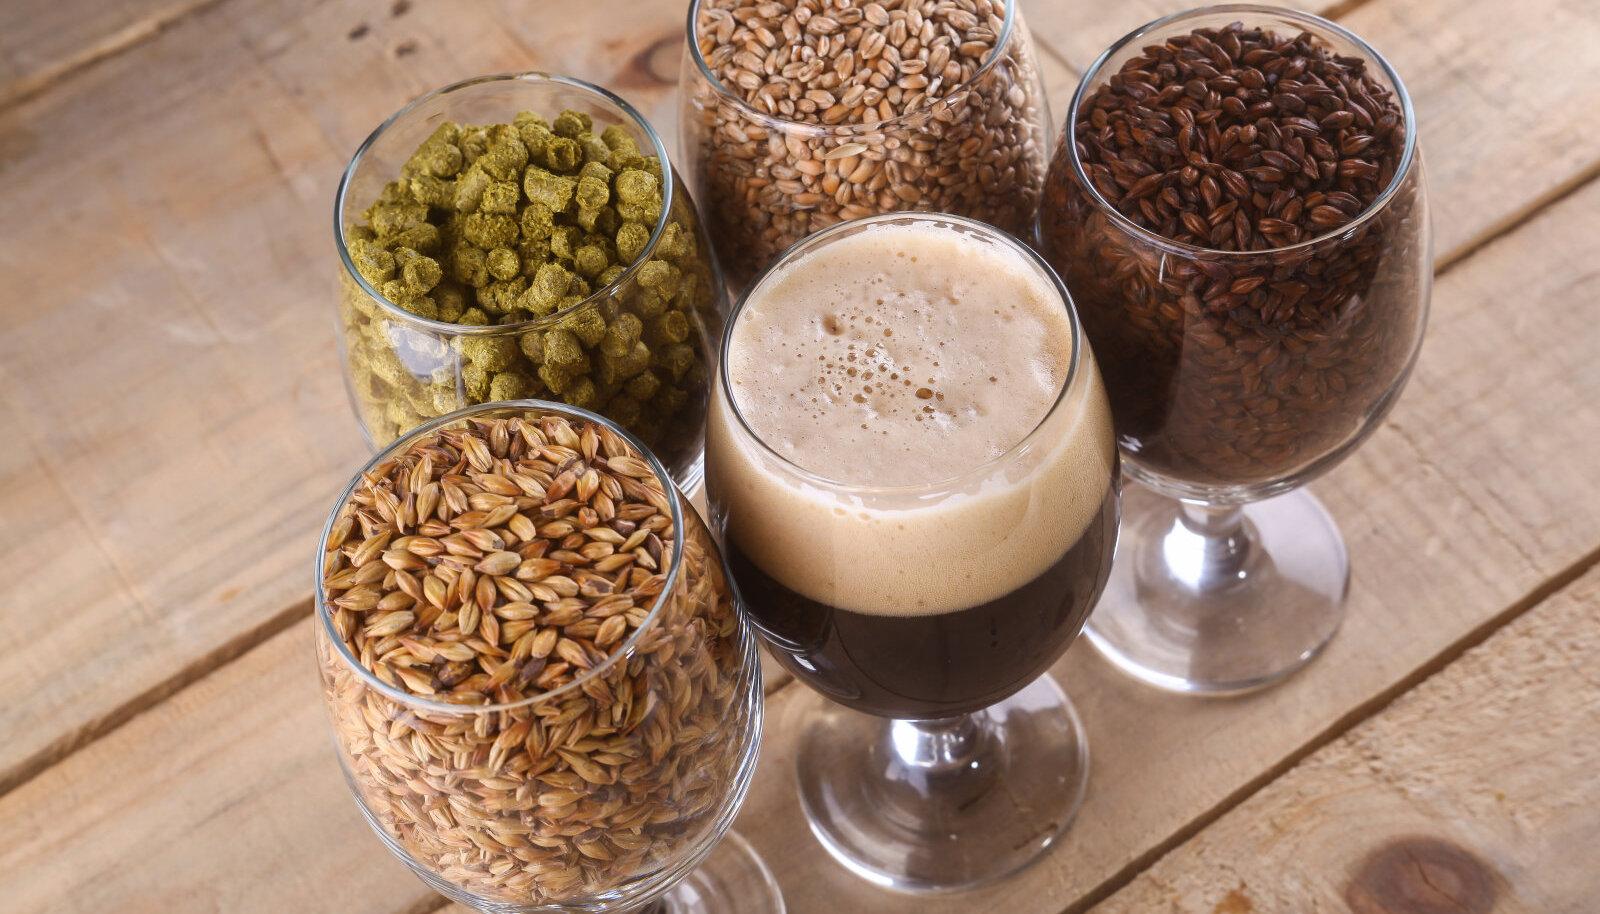 Stoudil ja porteril on ühised juured ja väliselt on need väga sarnased õlled. Kuidas on need kaks omavahel seotud ja milline on nende ajalugu?